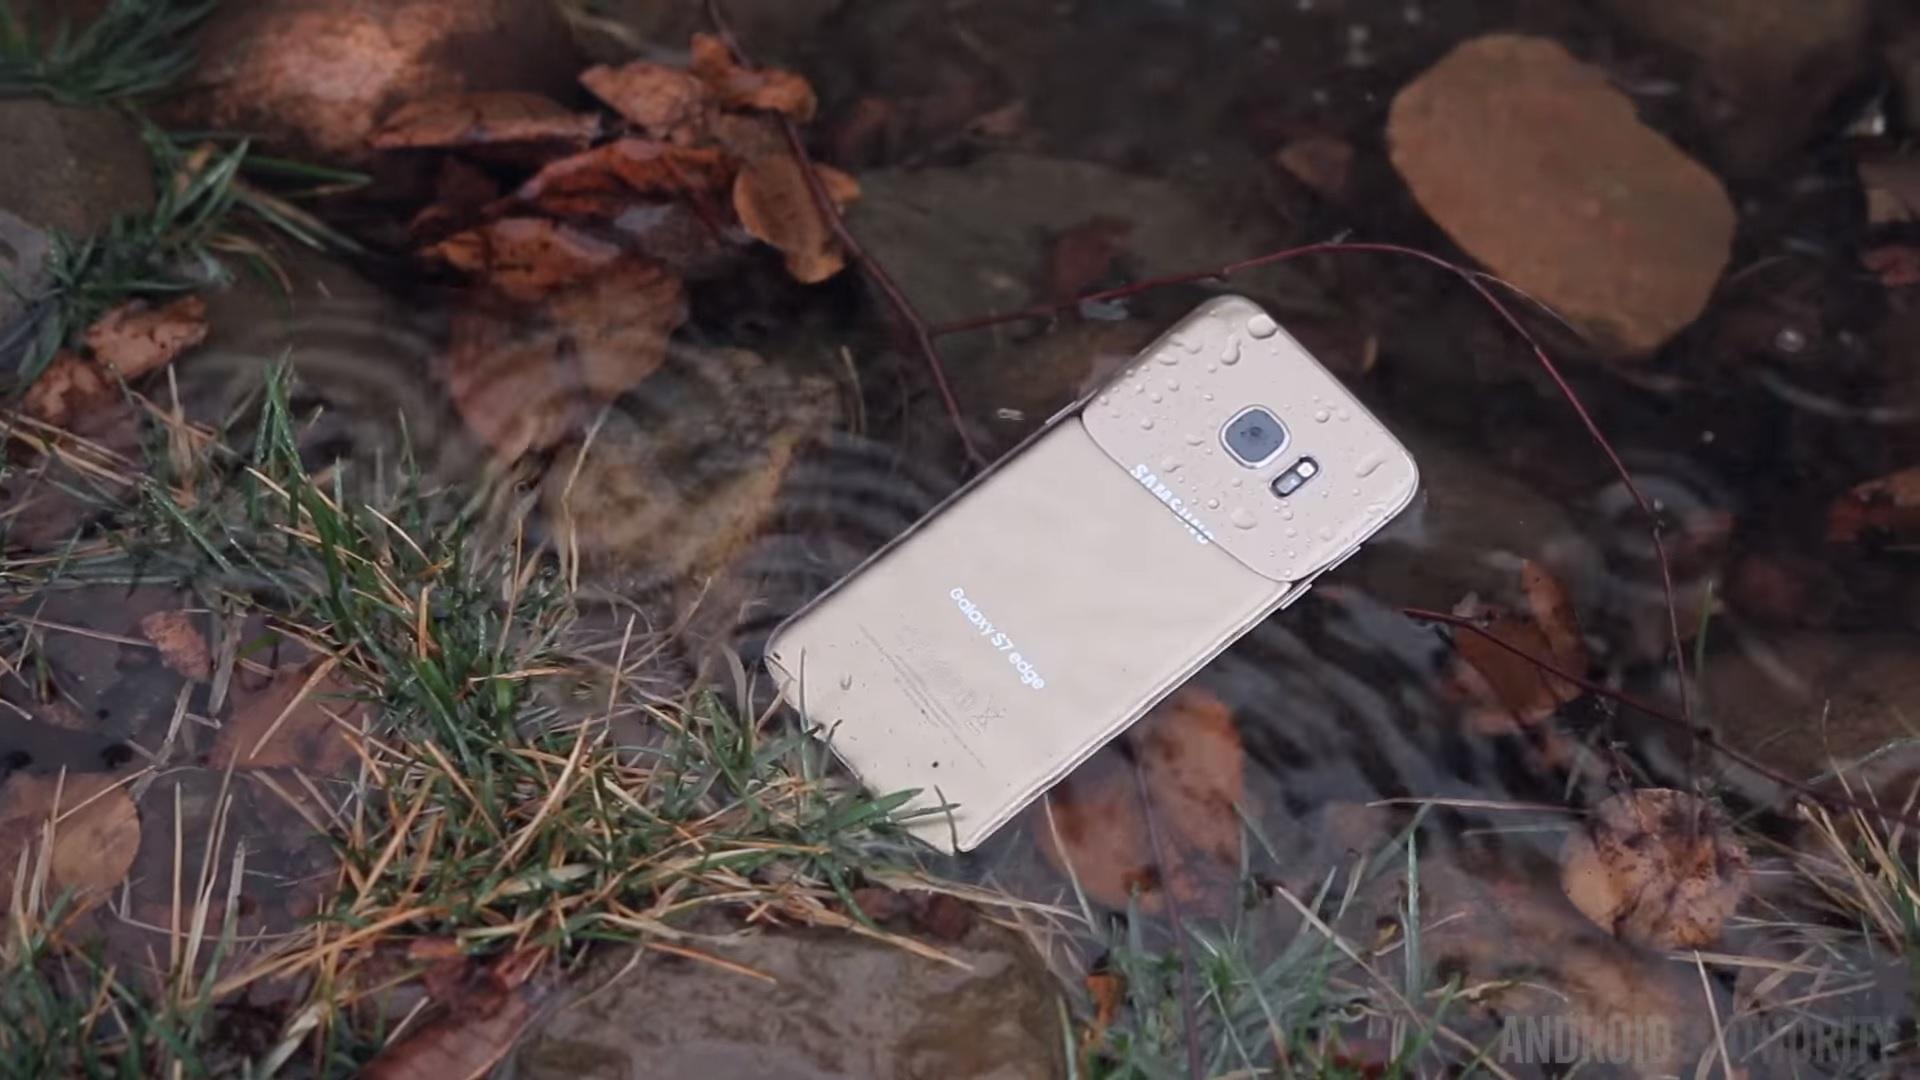 تعرف علي مميزات و عيوب خاصية مقاومة الماء و كيف تؤثر علي هاتفك